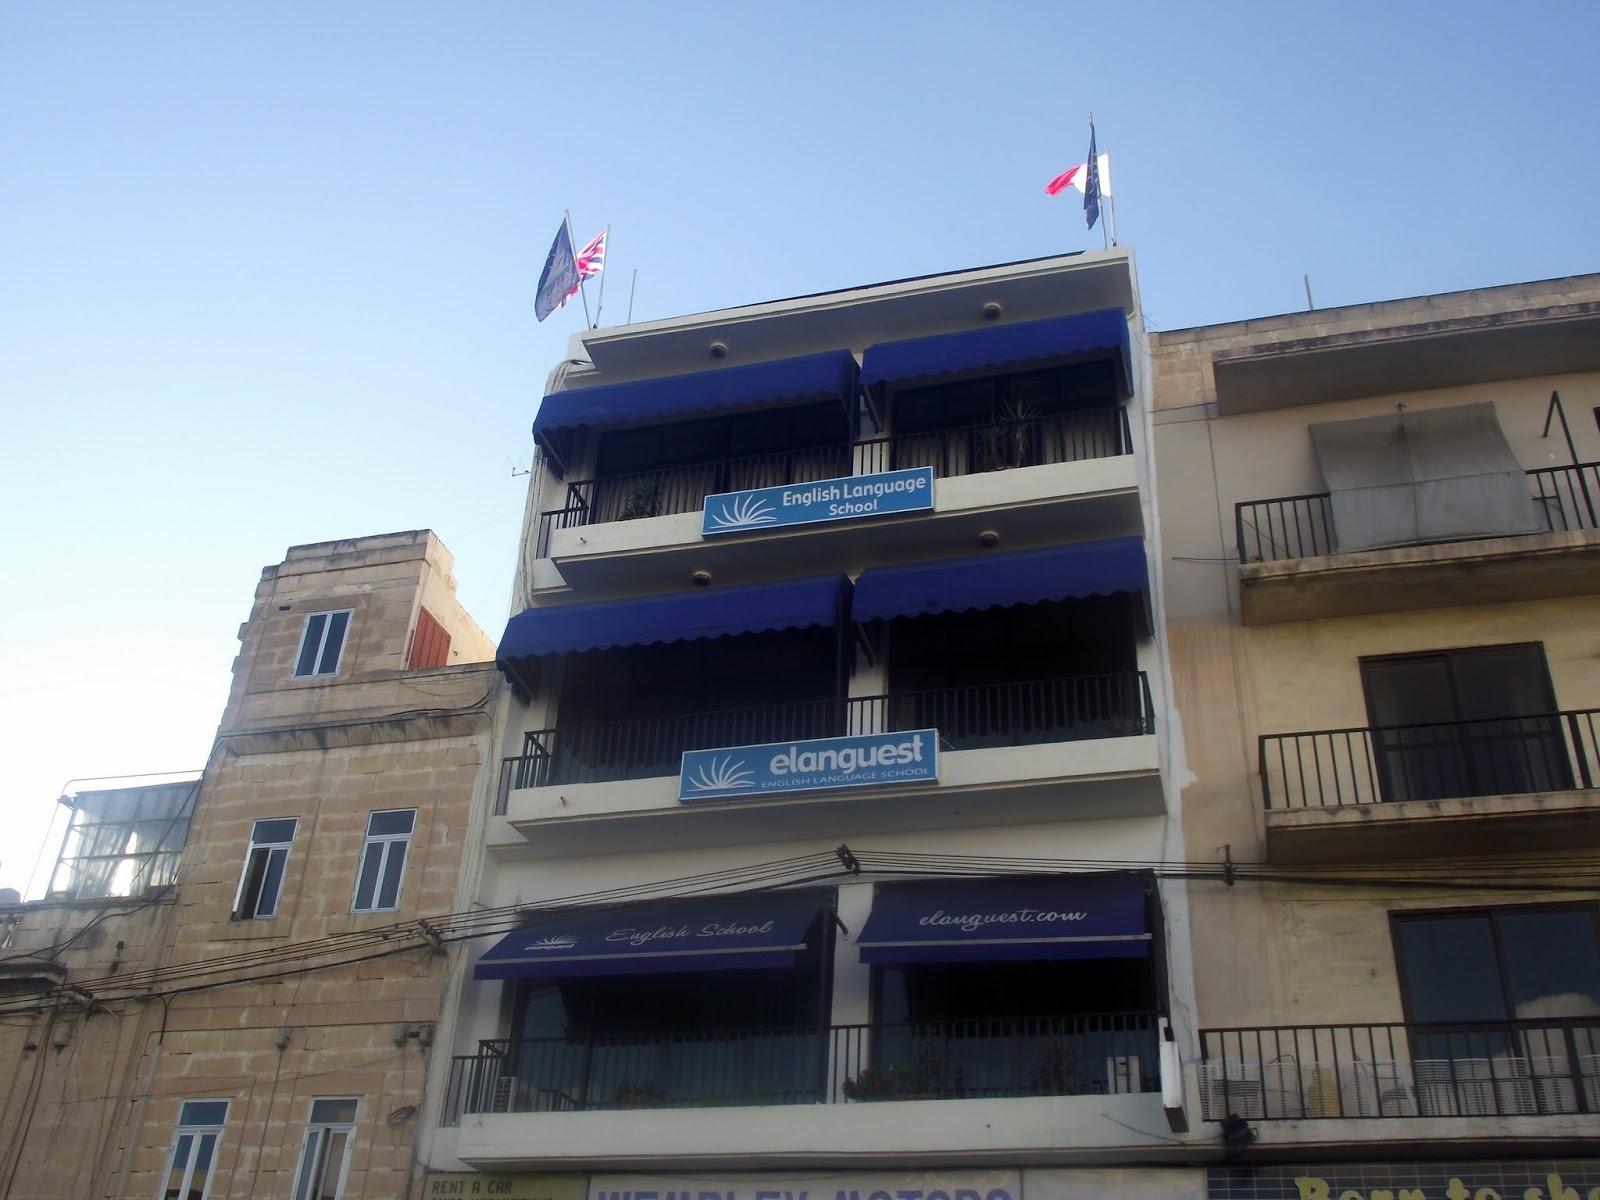 Escuela Elanguest, inglés en Malta